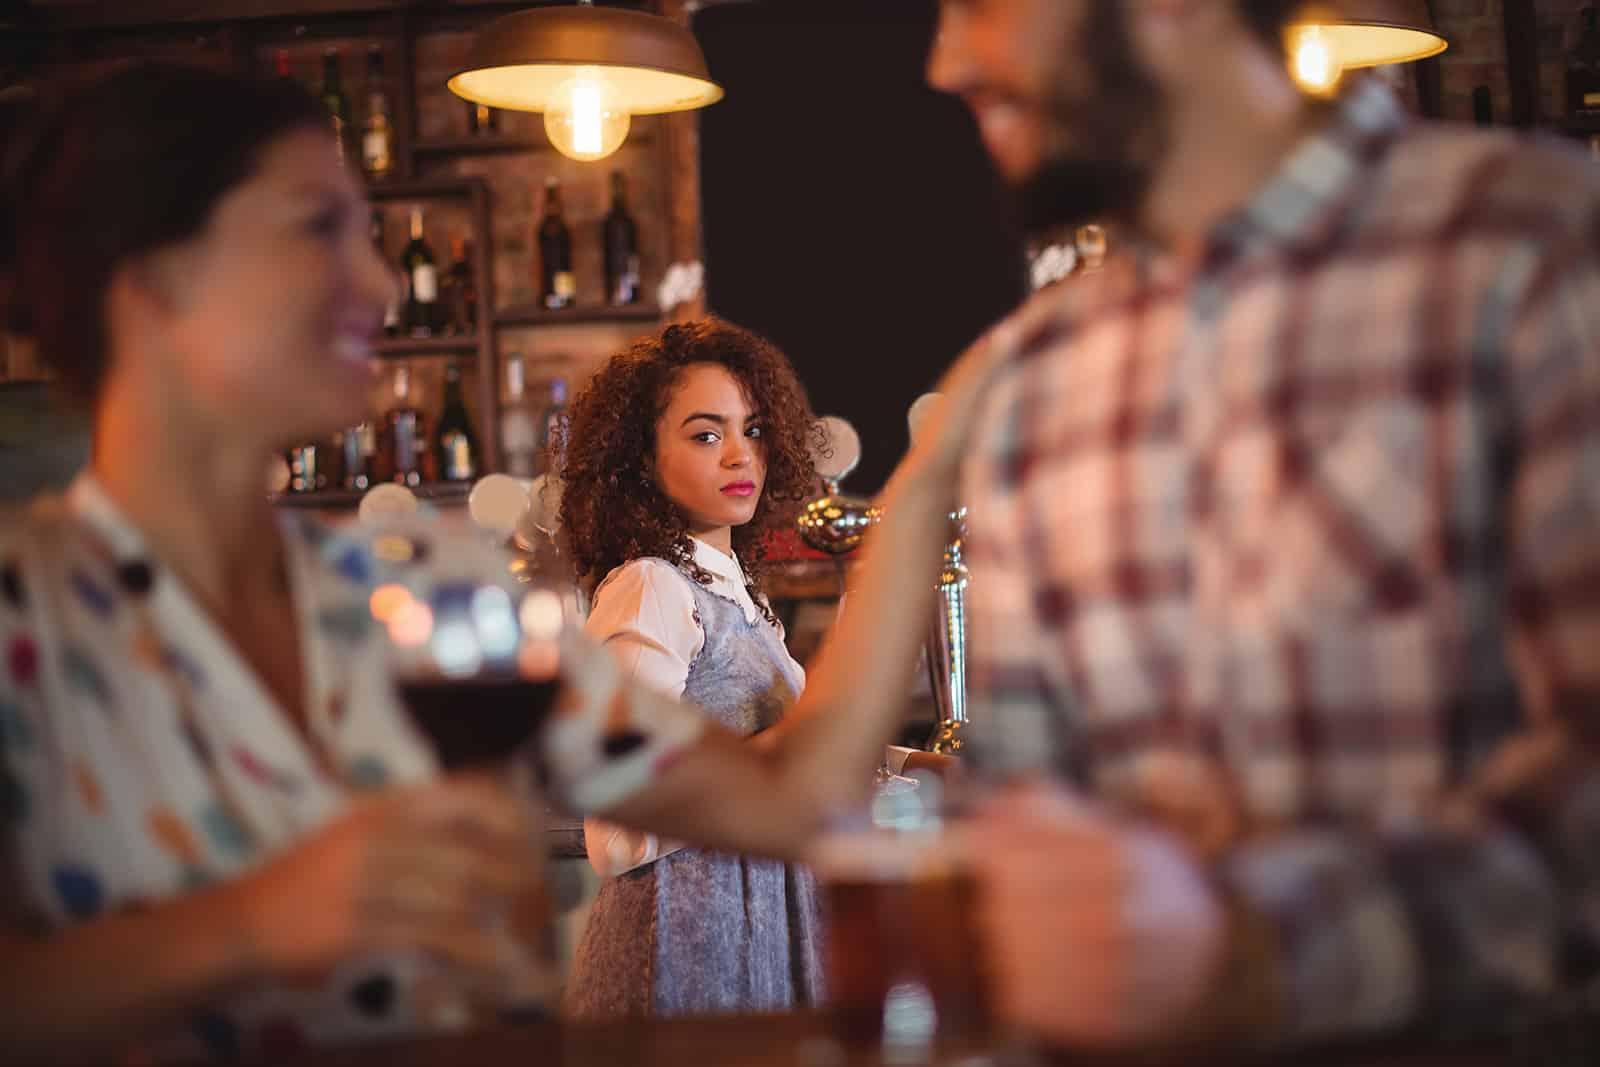 eine Frau, die ein liebendes Paar ansieht, das vor ihr im Nachtclub steht